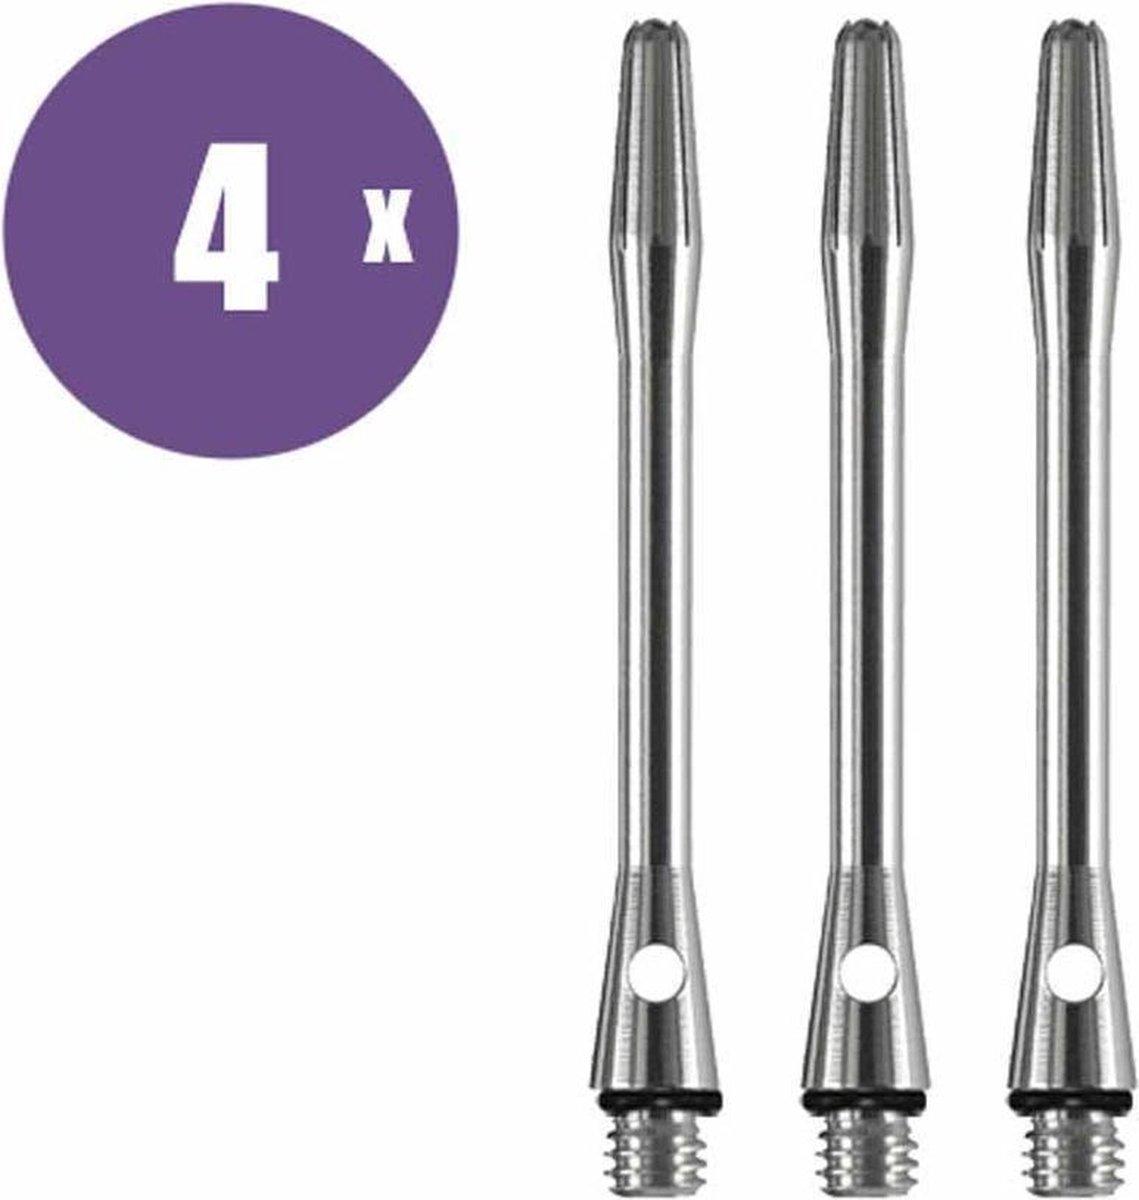 ABC Darts Shafts - Aluminium Naturel - Medium - 4 sets dartshafts